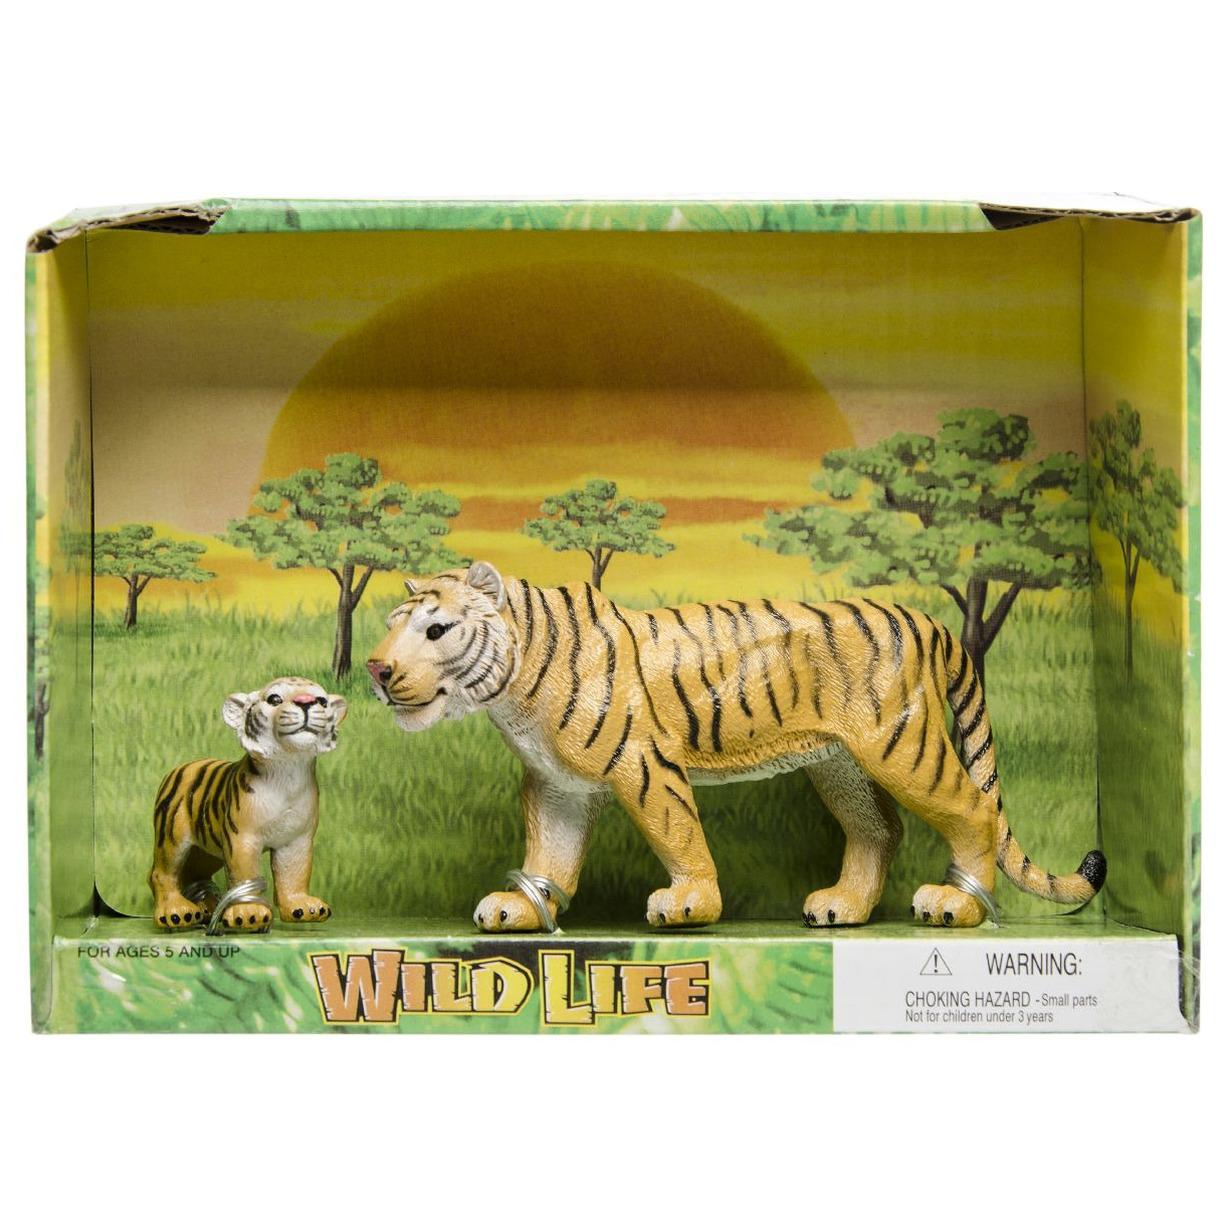 Plastic tijger met welp speelgoed voor kinderen